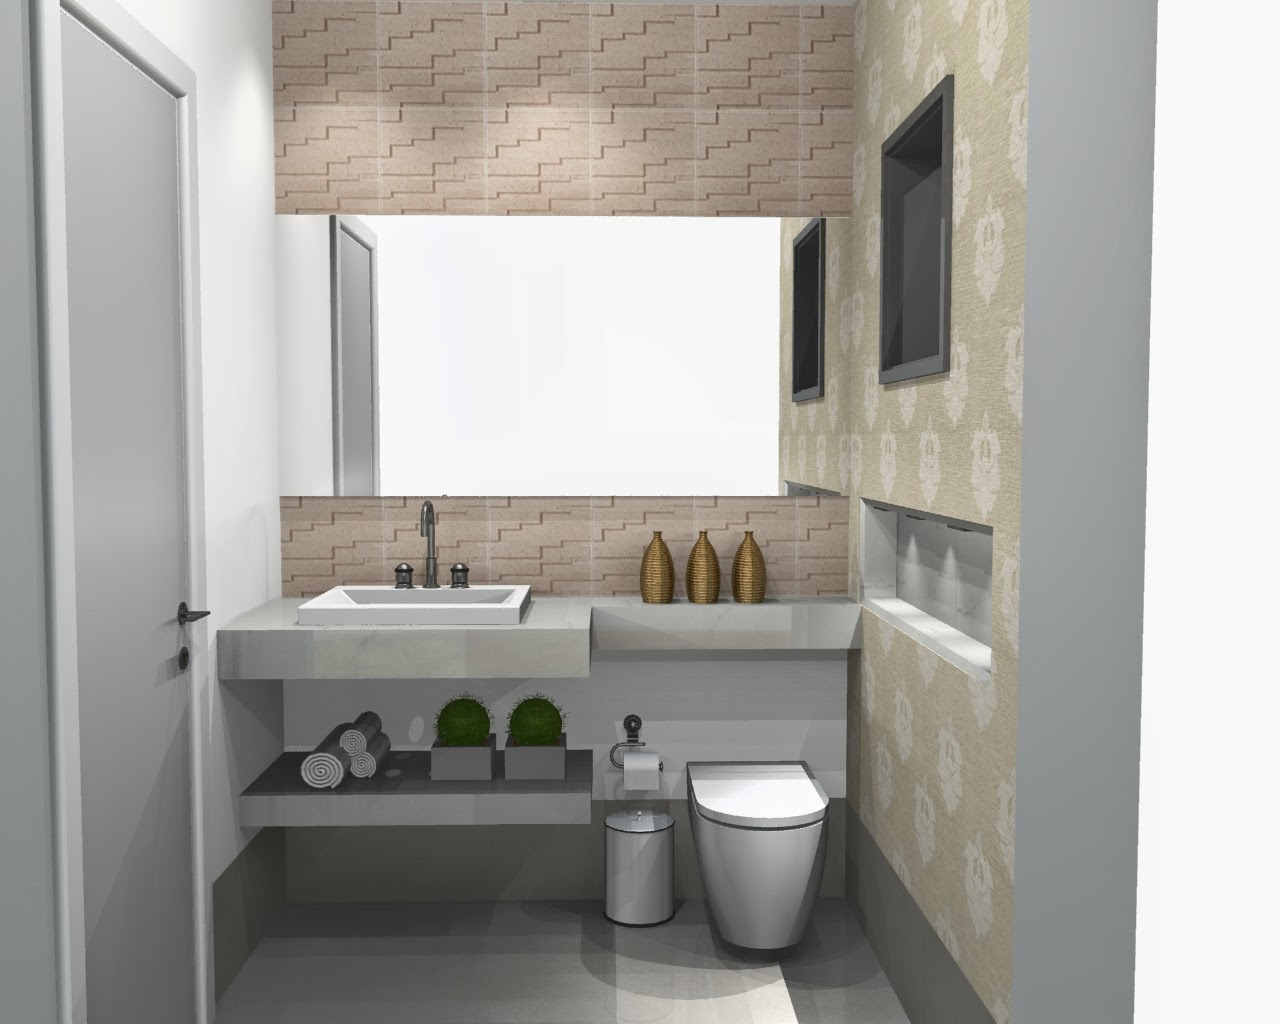 Imagens de #594F3C BANHEIRO 7: Na verdade lavabo de área gourmet. 1280x1024 px 3702 Banheiros Porcelanato Bege